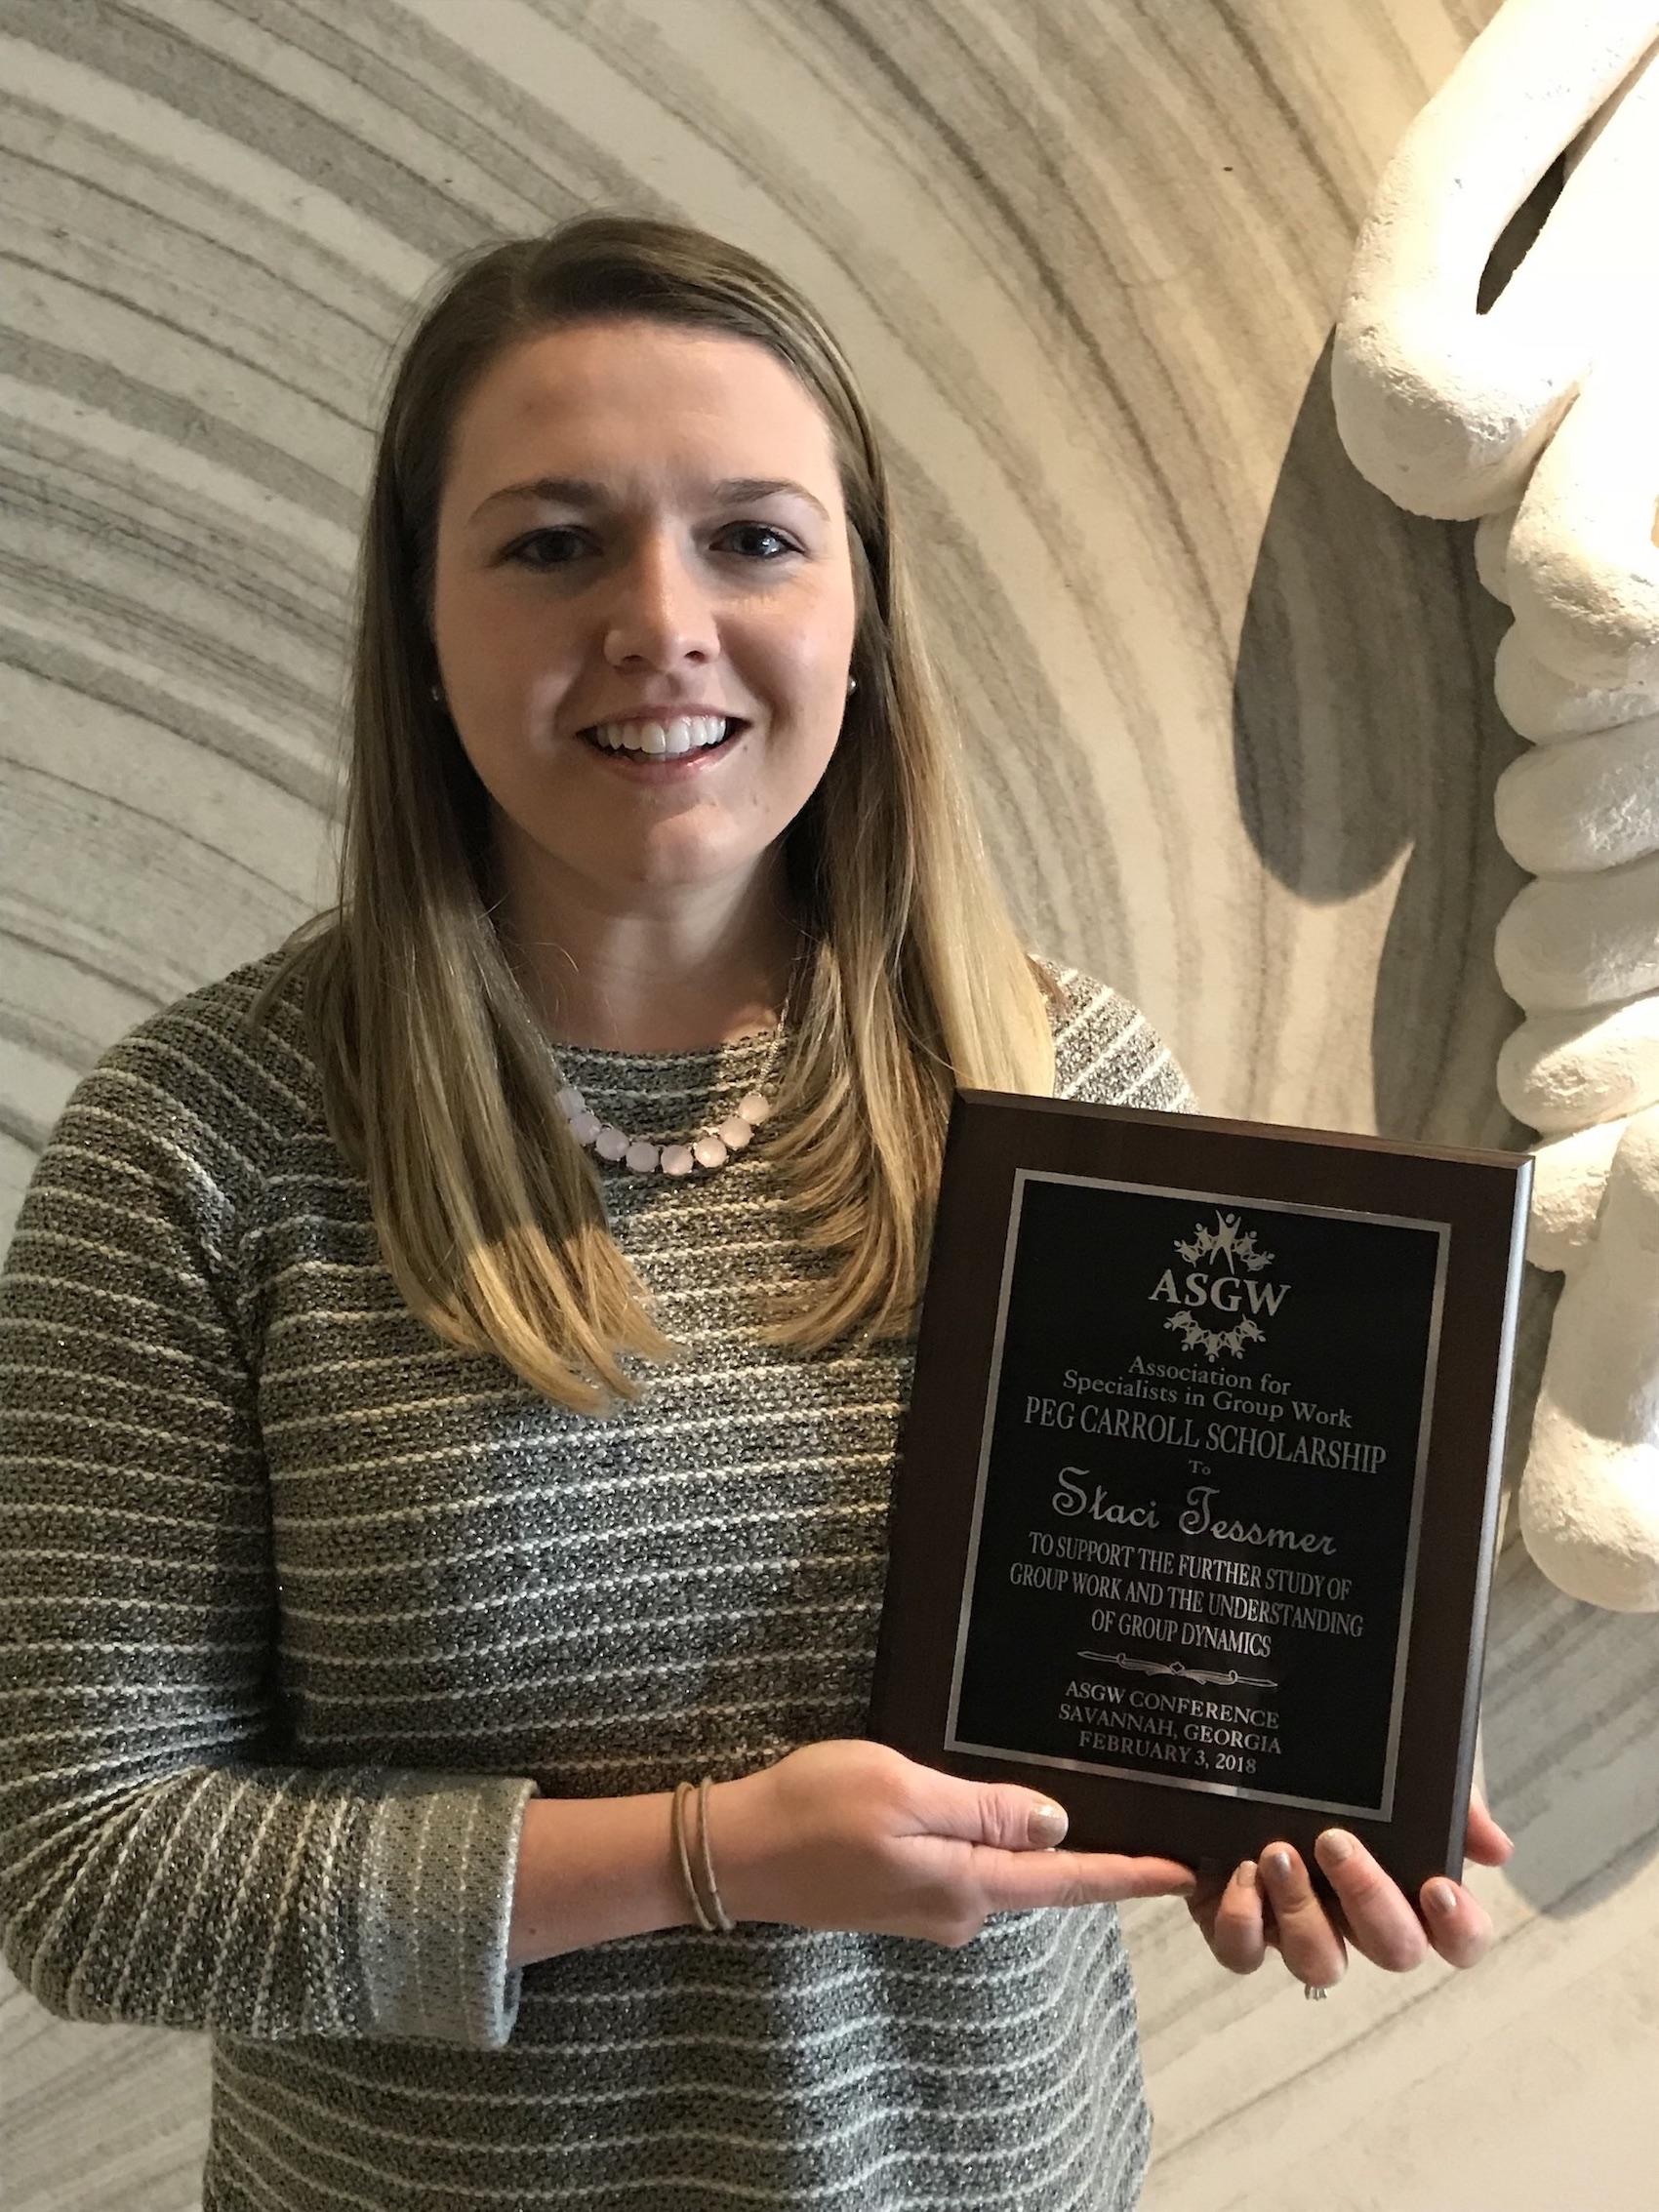 Staci Tessmer hold an award